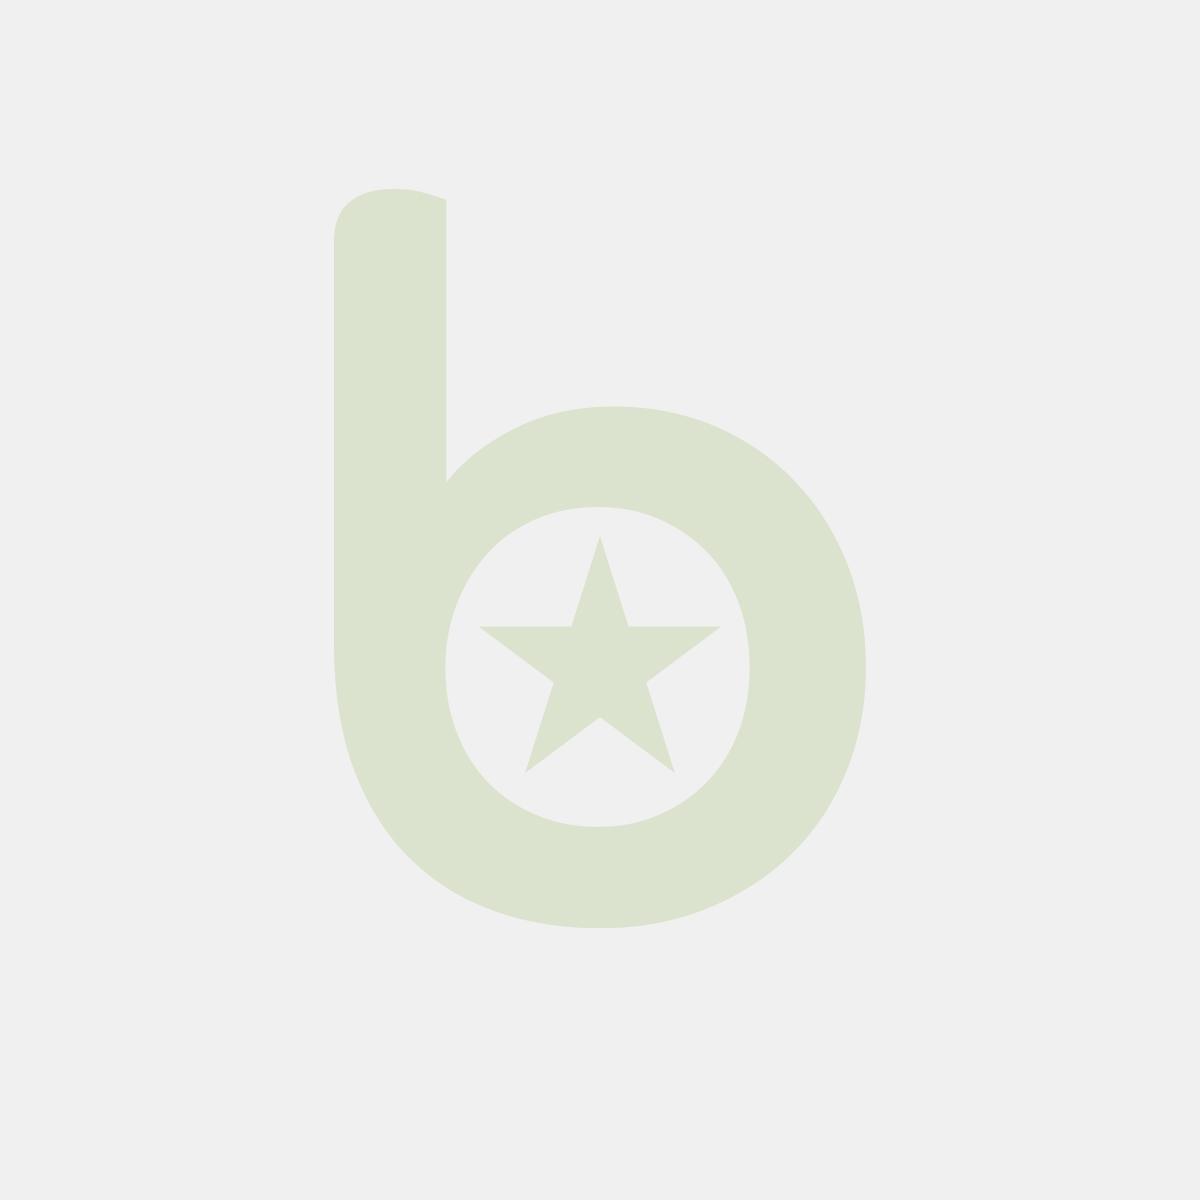 Kartridże 852 SCHNEIDER 852 do piór kulkowych, M, 5 szt., czerwony